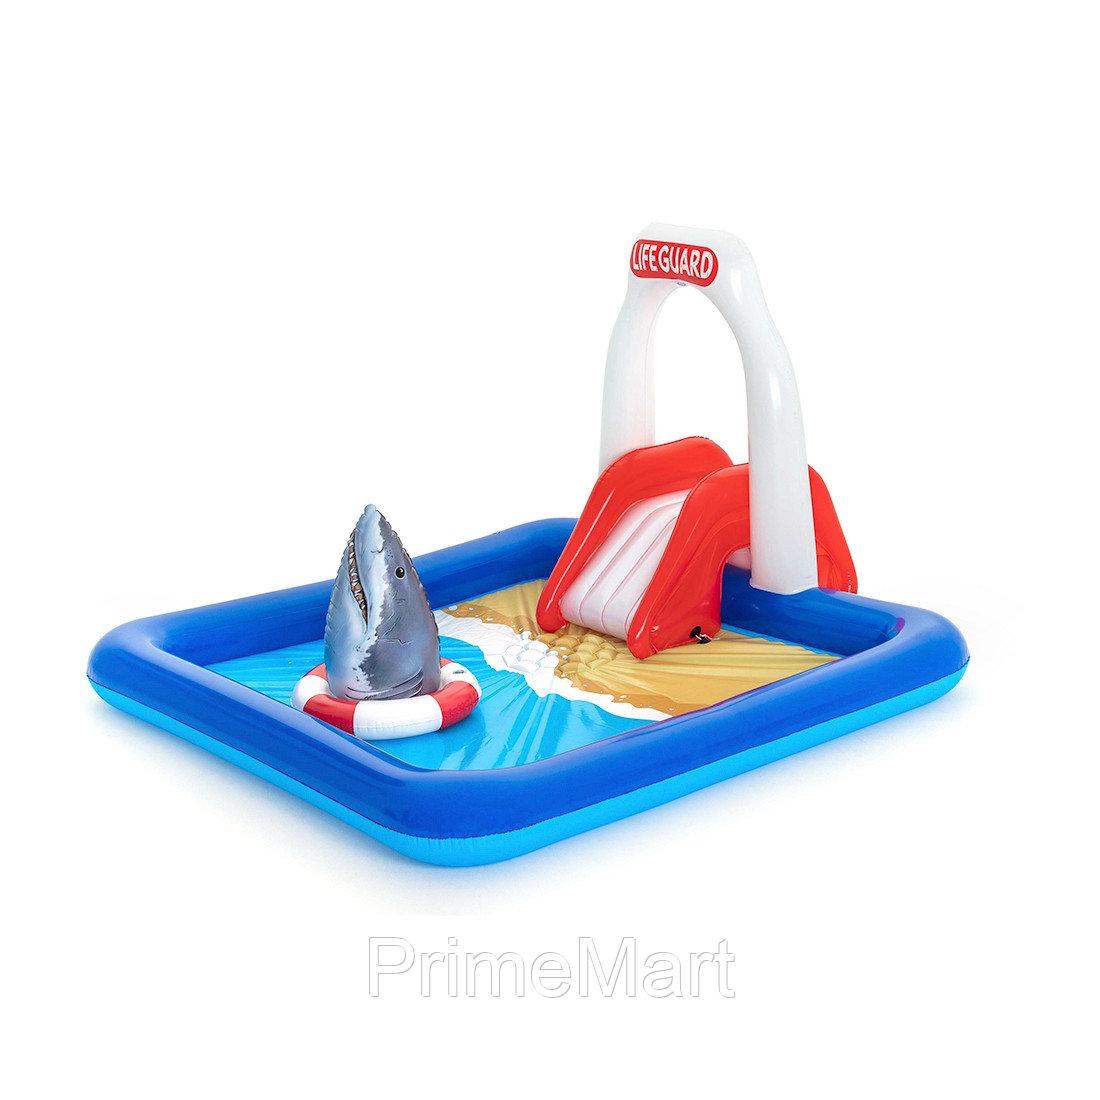 Детский надувной игровой бассейн Lifeguard Tower 234 x 203 x 129 см, BESTWAY, 53079 (53079E), Винил, 276 л., 2+, Встроенный разбрызгиватель, Надувная